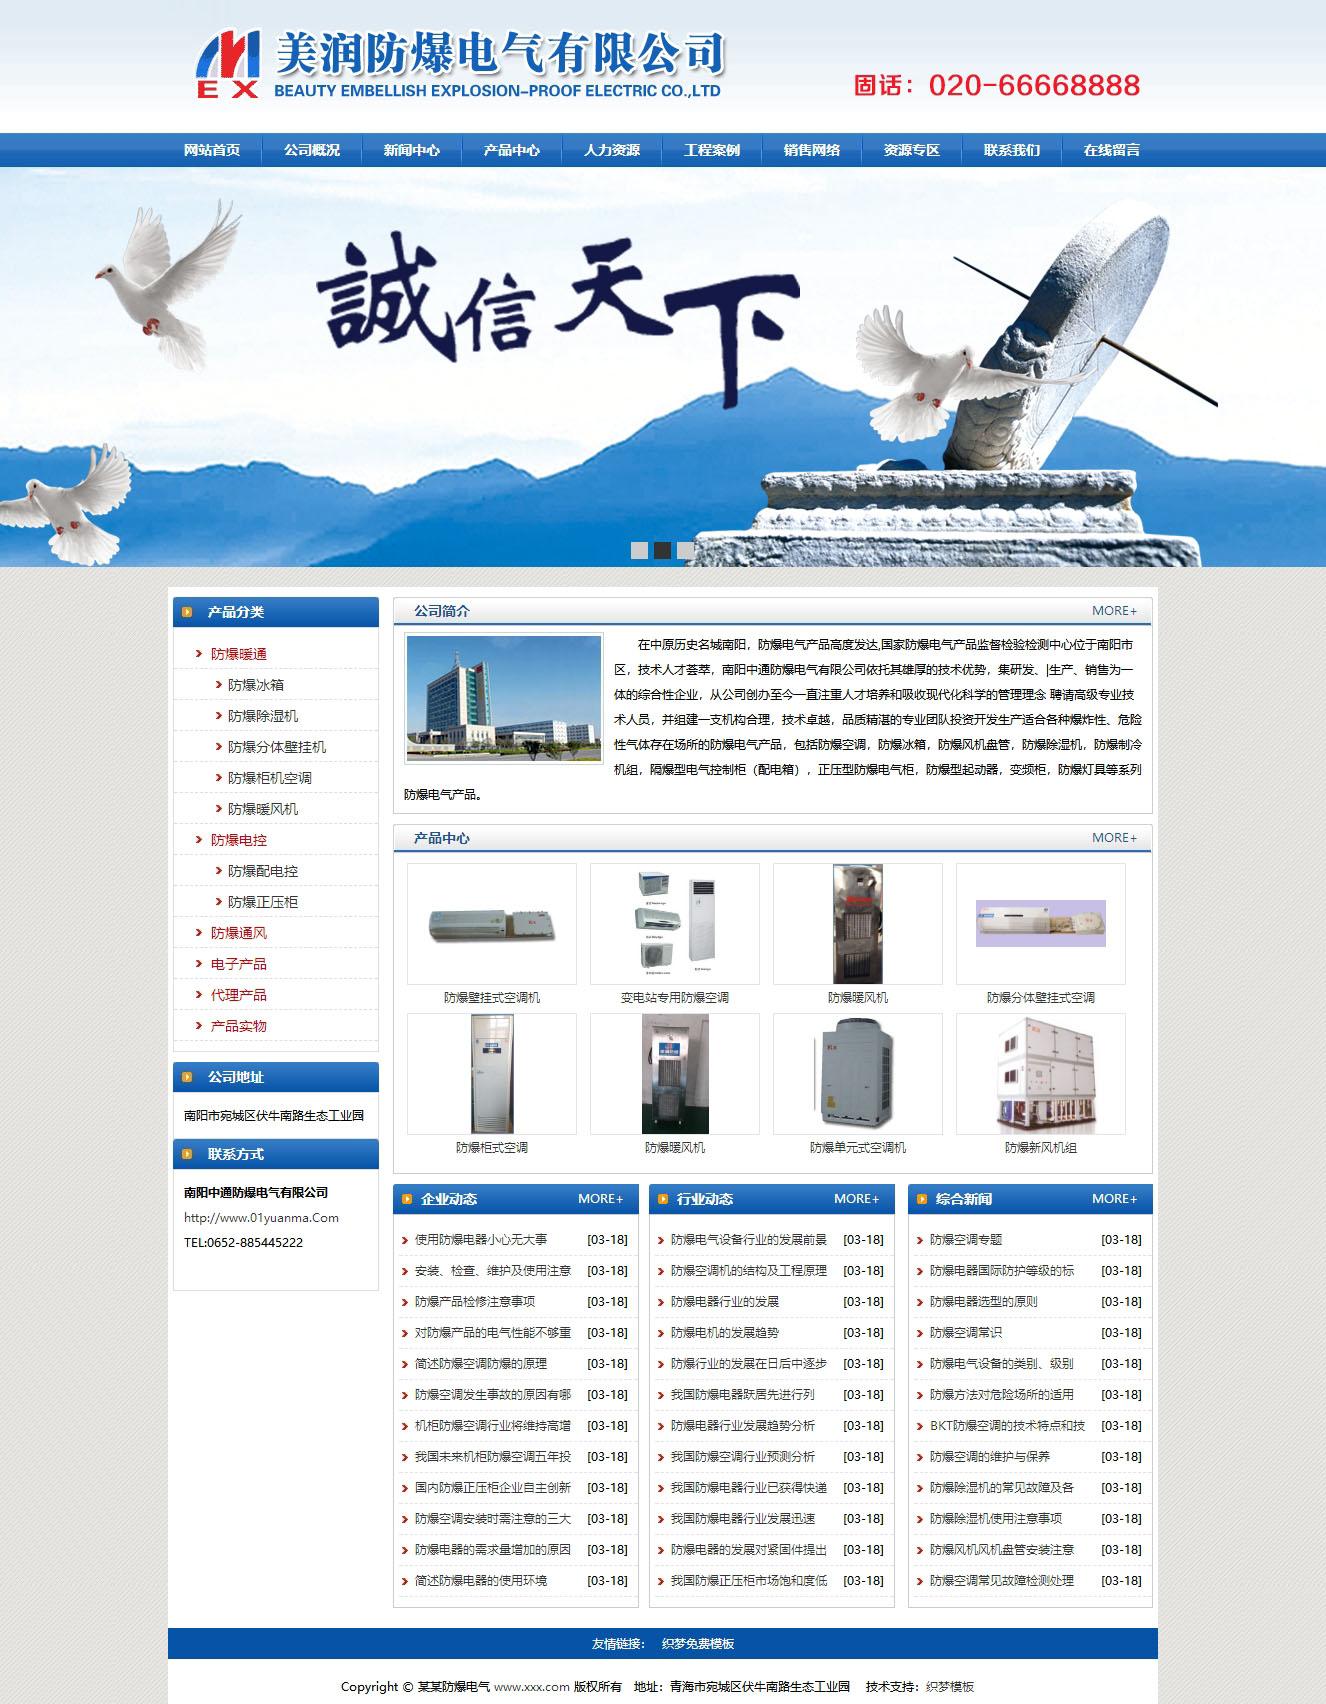 织梦dedecms蓝色防爆电子产品企业整站模板